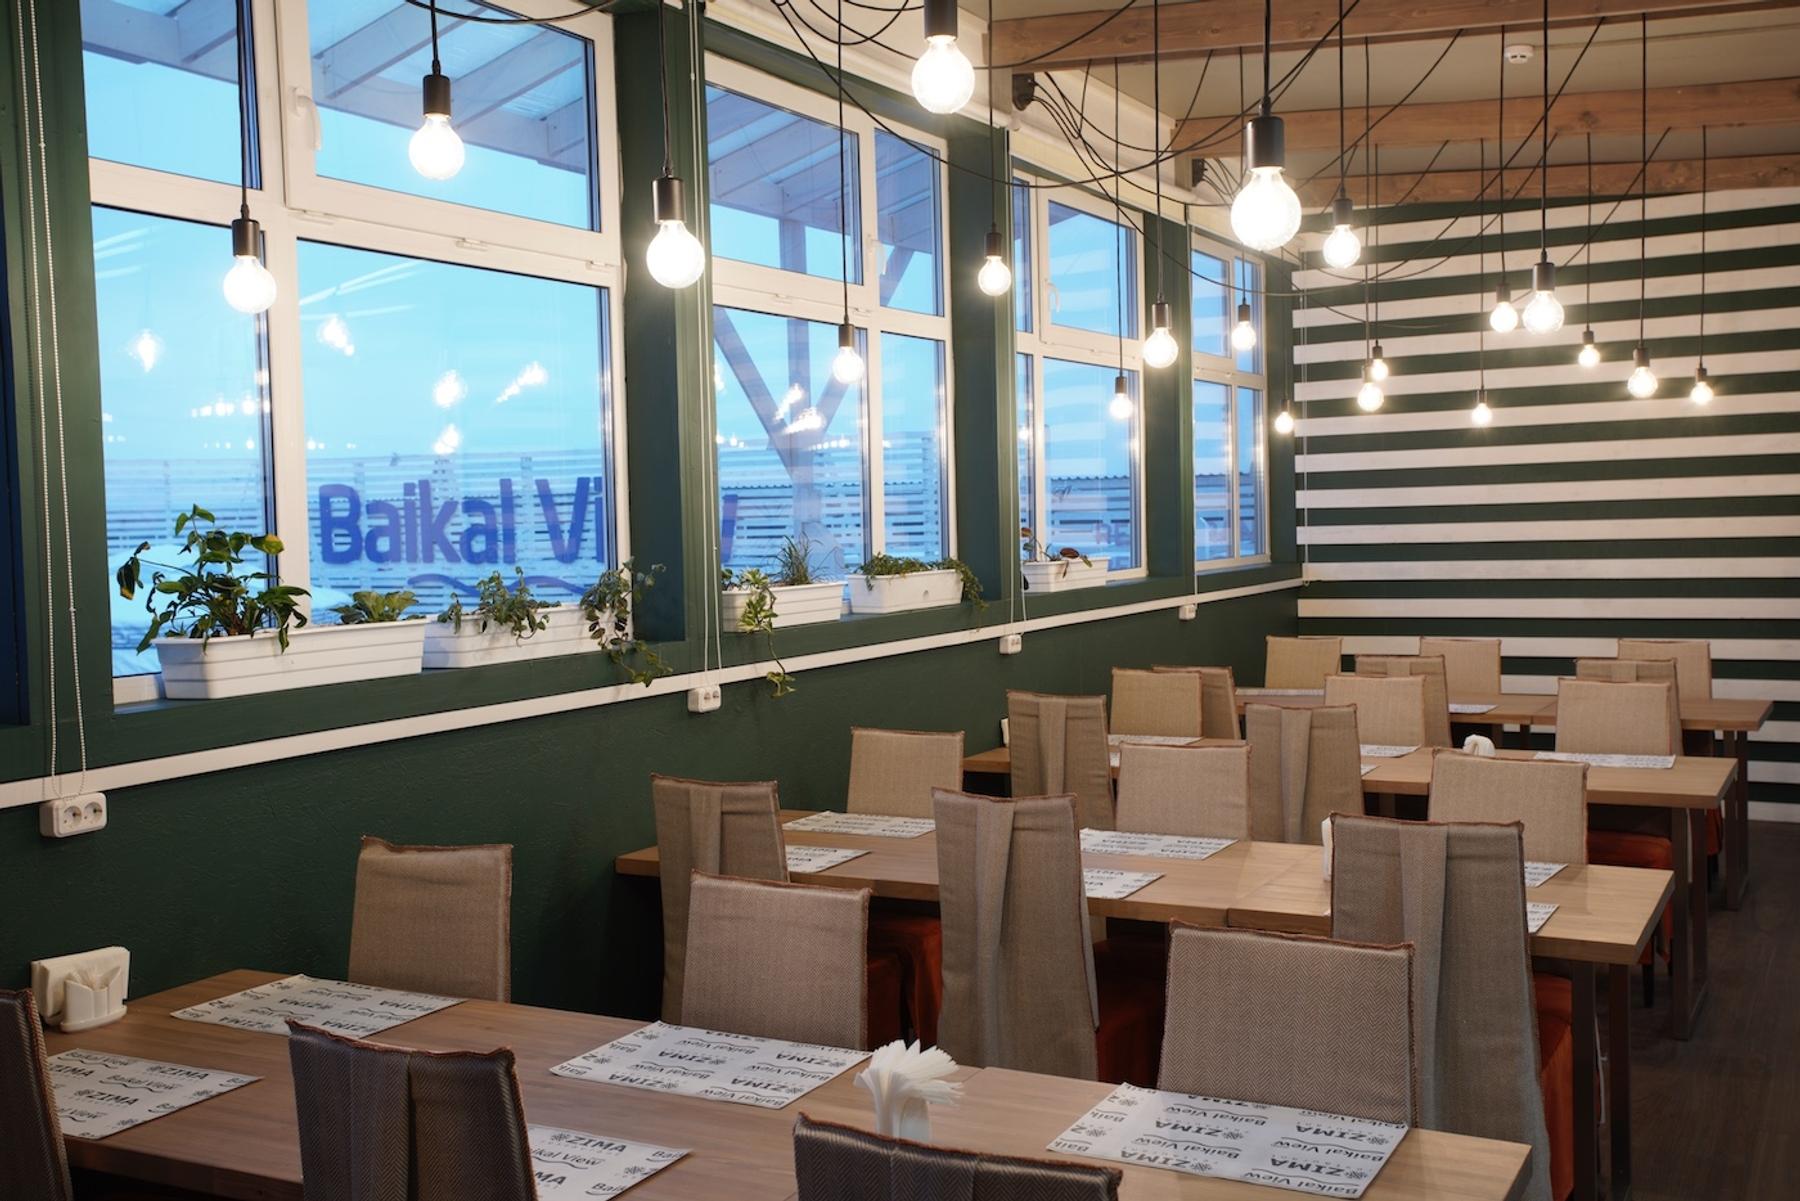 Столовая гостиницы Baikal View на Байкале